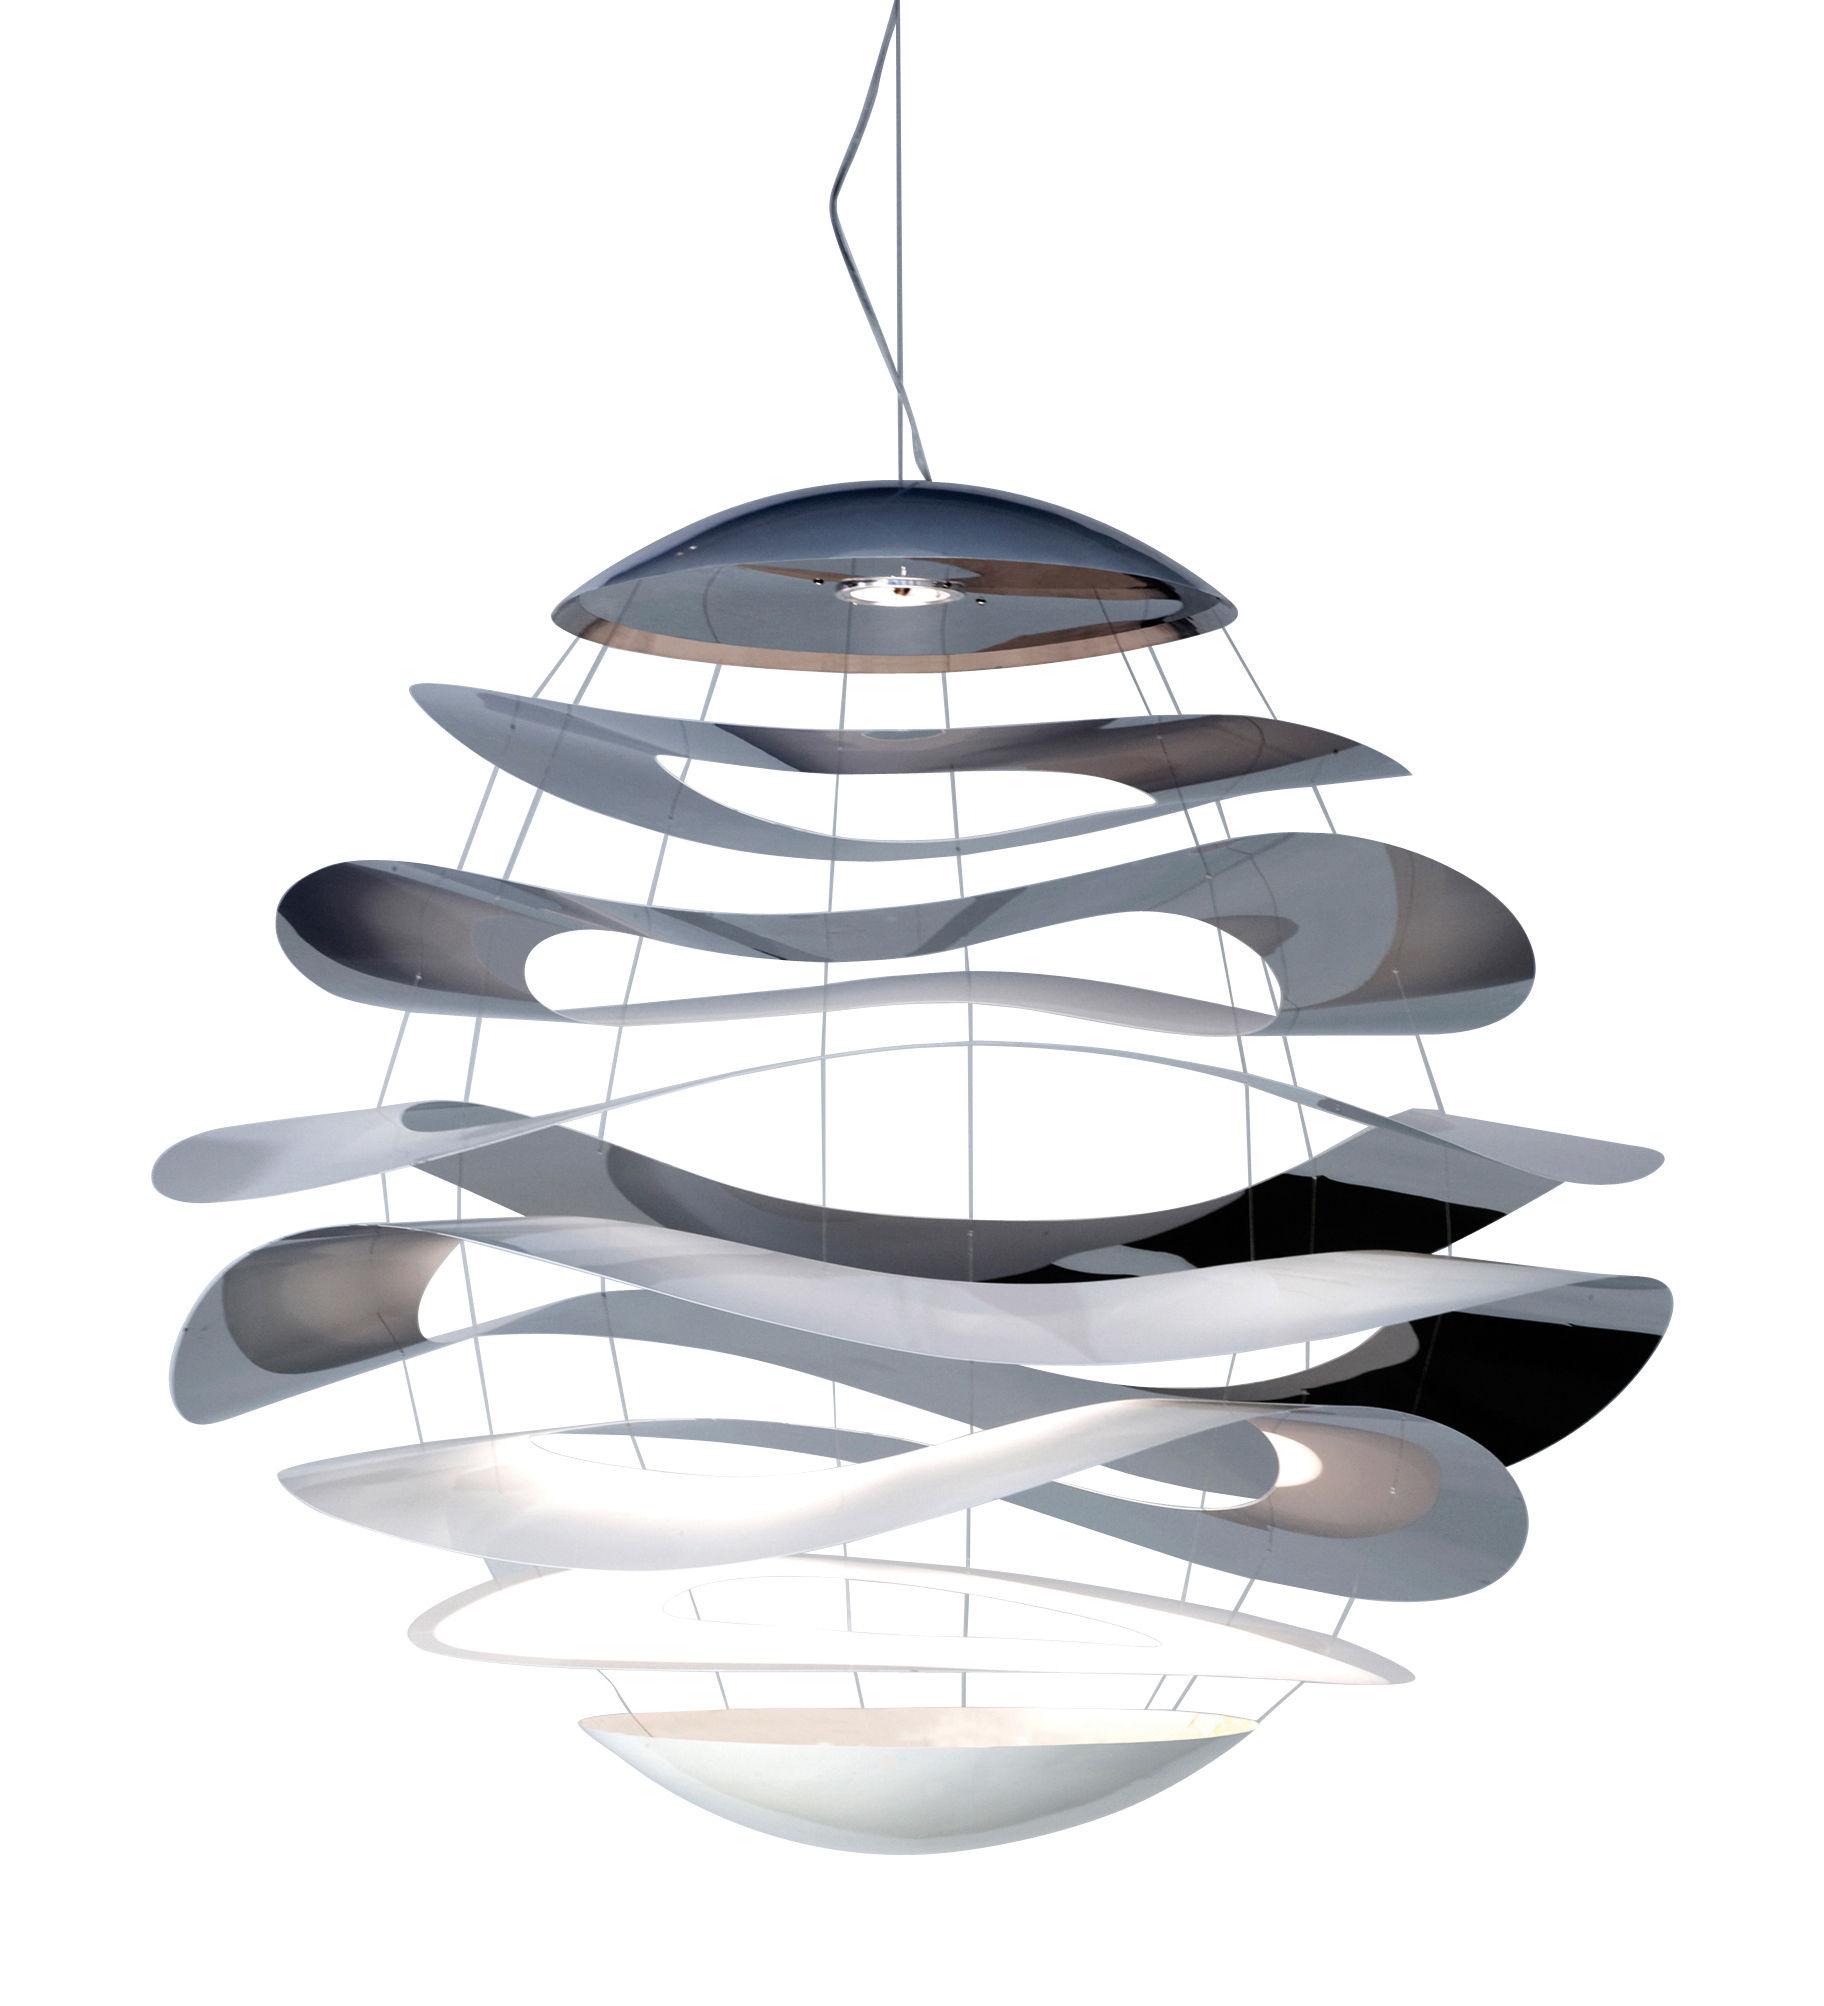 Illuminazione - Lampadari - Sospensione Buckle Small - LED  Ø 70 cm di Innermost - Ø 70 cm - Inox lucido & Bianco - Acciaio verniciato